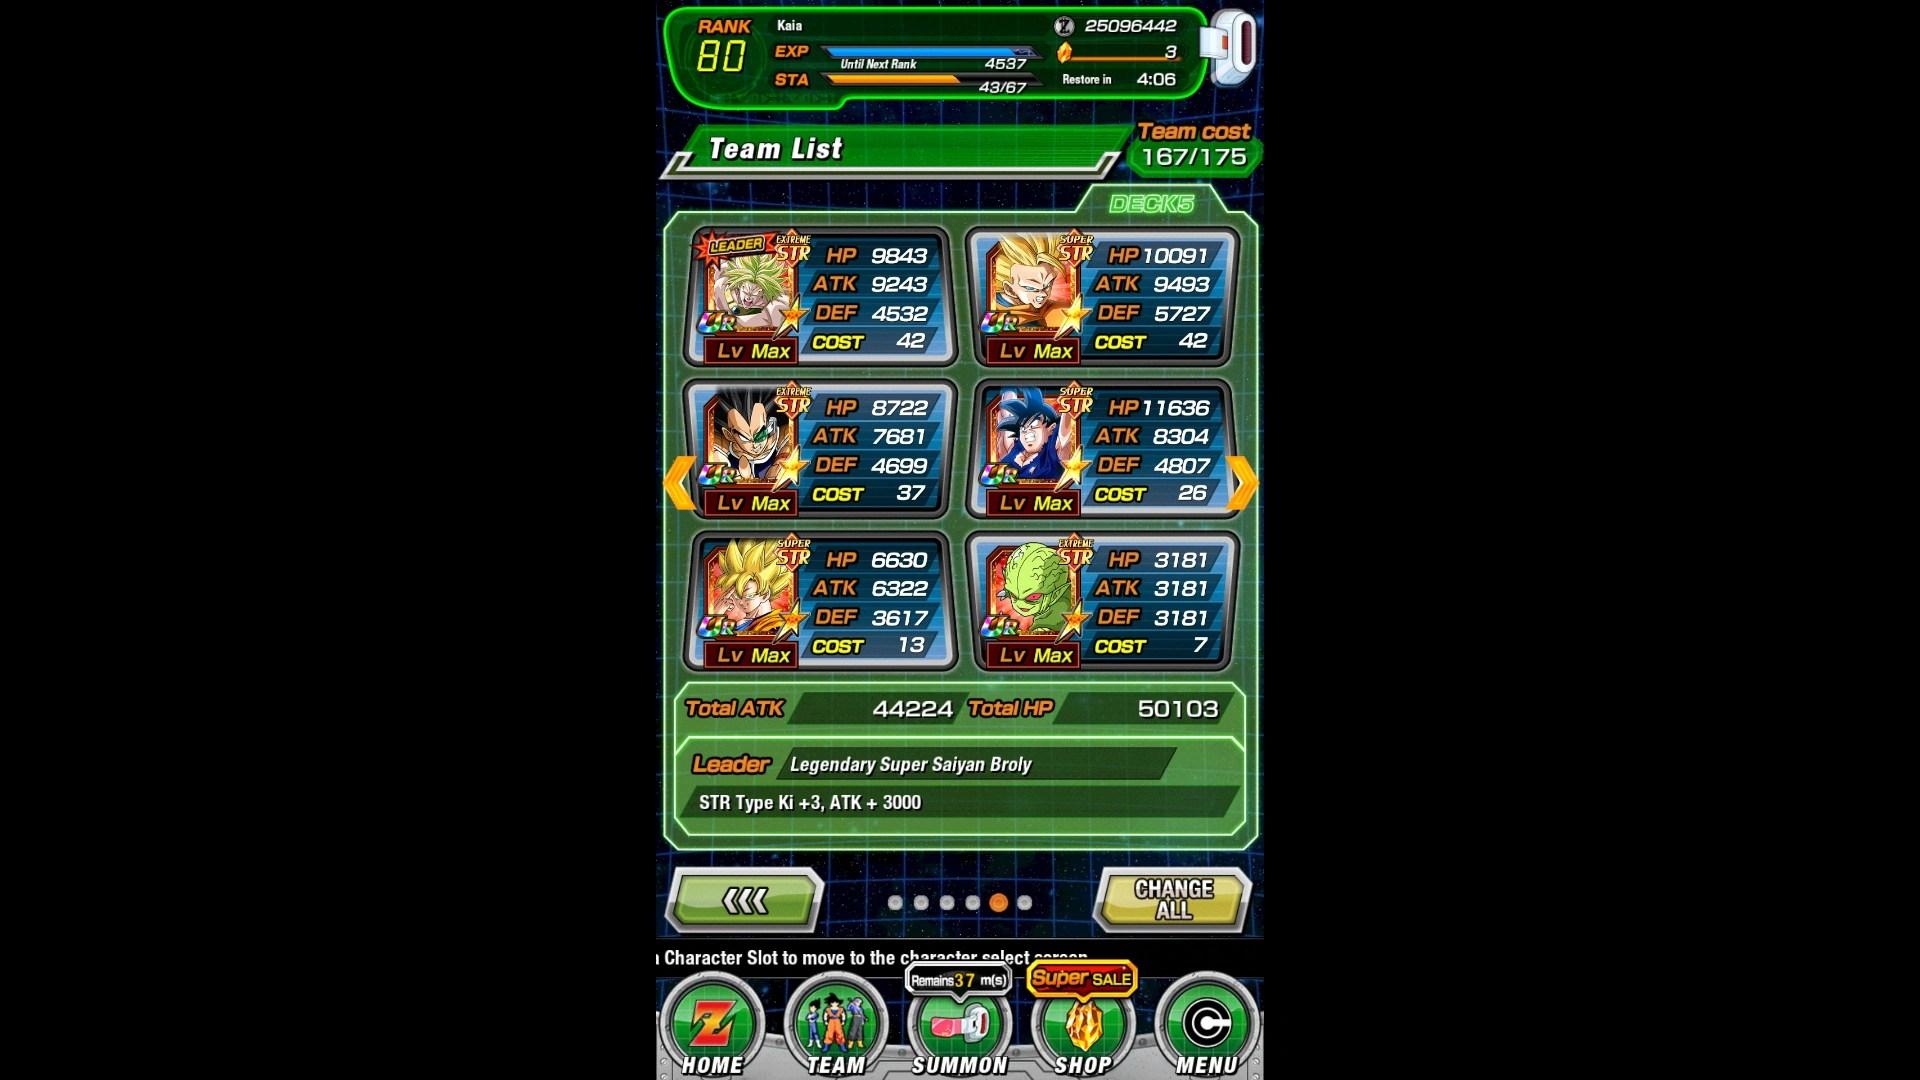 Image Screenshot 2017 07 13 09 22 21png Dragon Ball Z Dokkan Battle Wikia FANDOM Powered